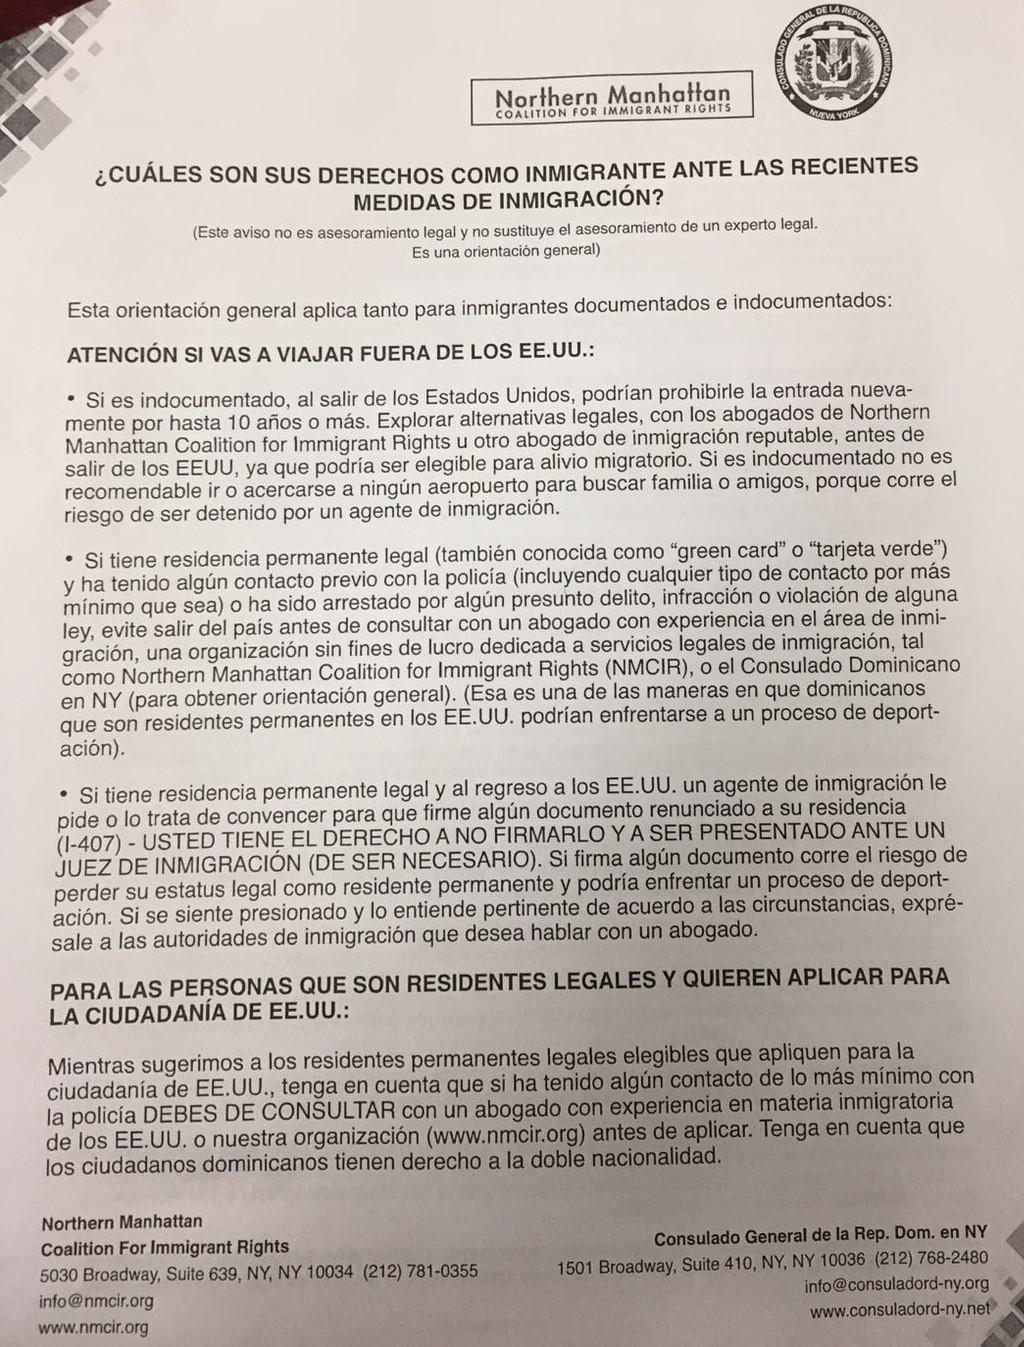 Consulado Dominicano Nuevo York, derechos de los inmigrante, Alcarrizos News Diario Digital